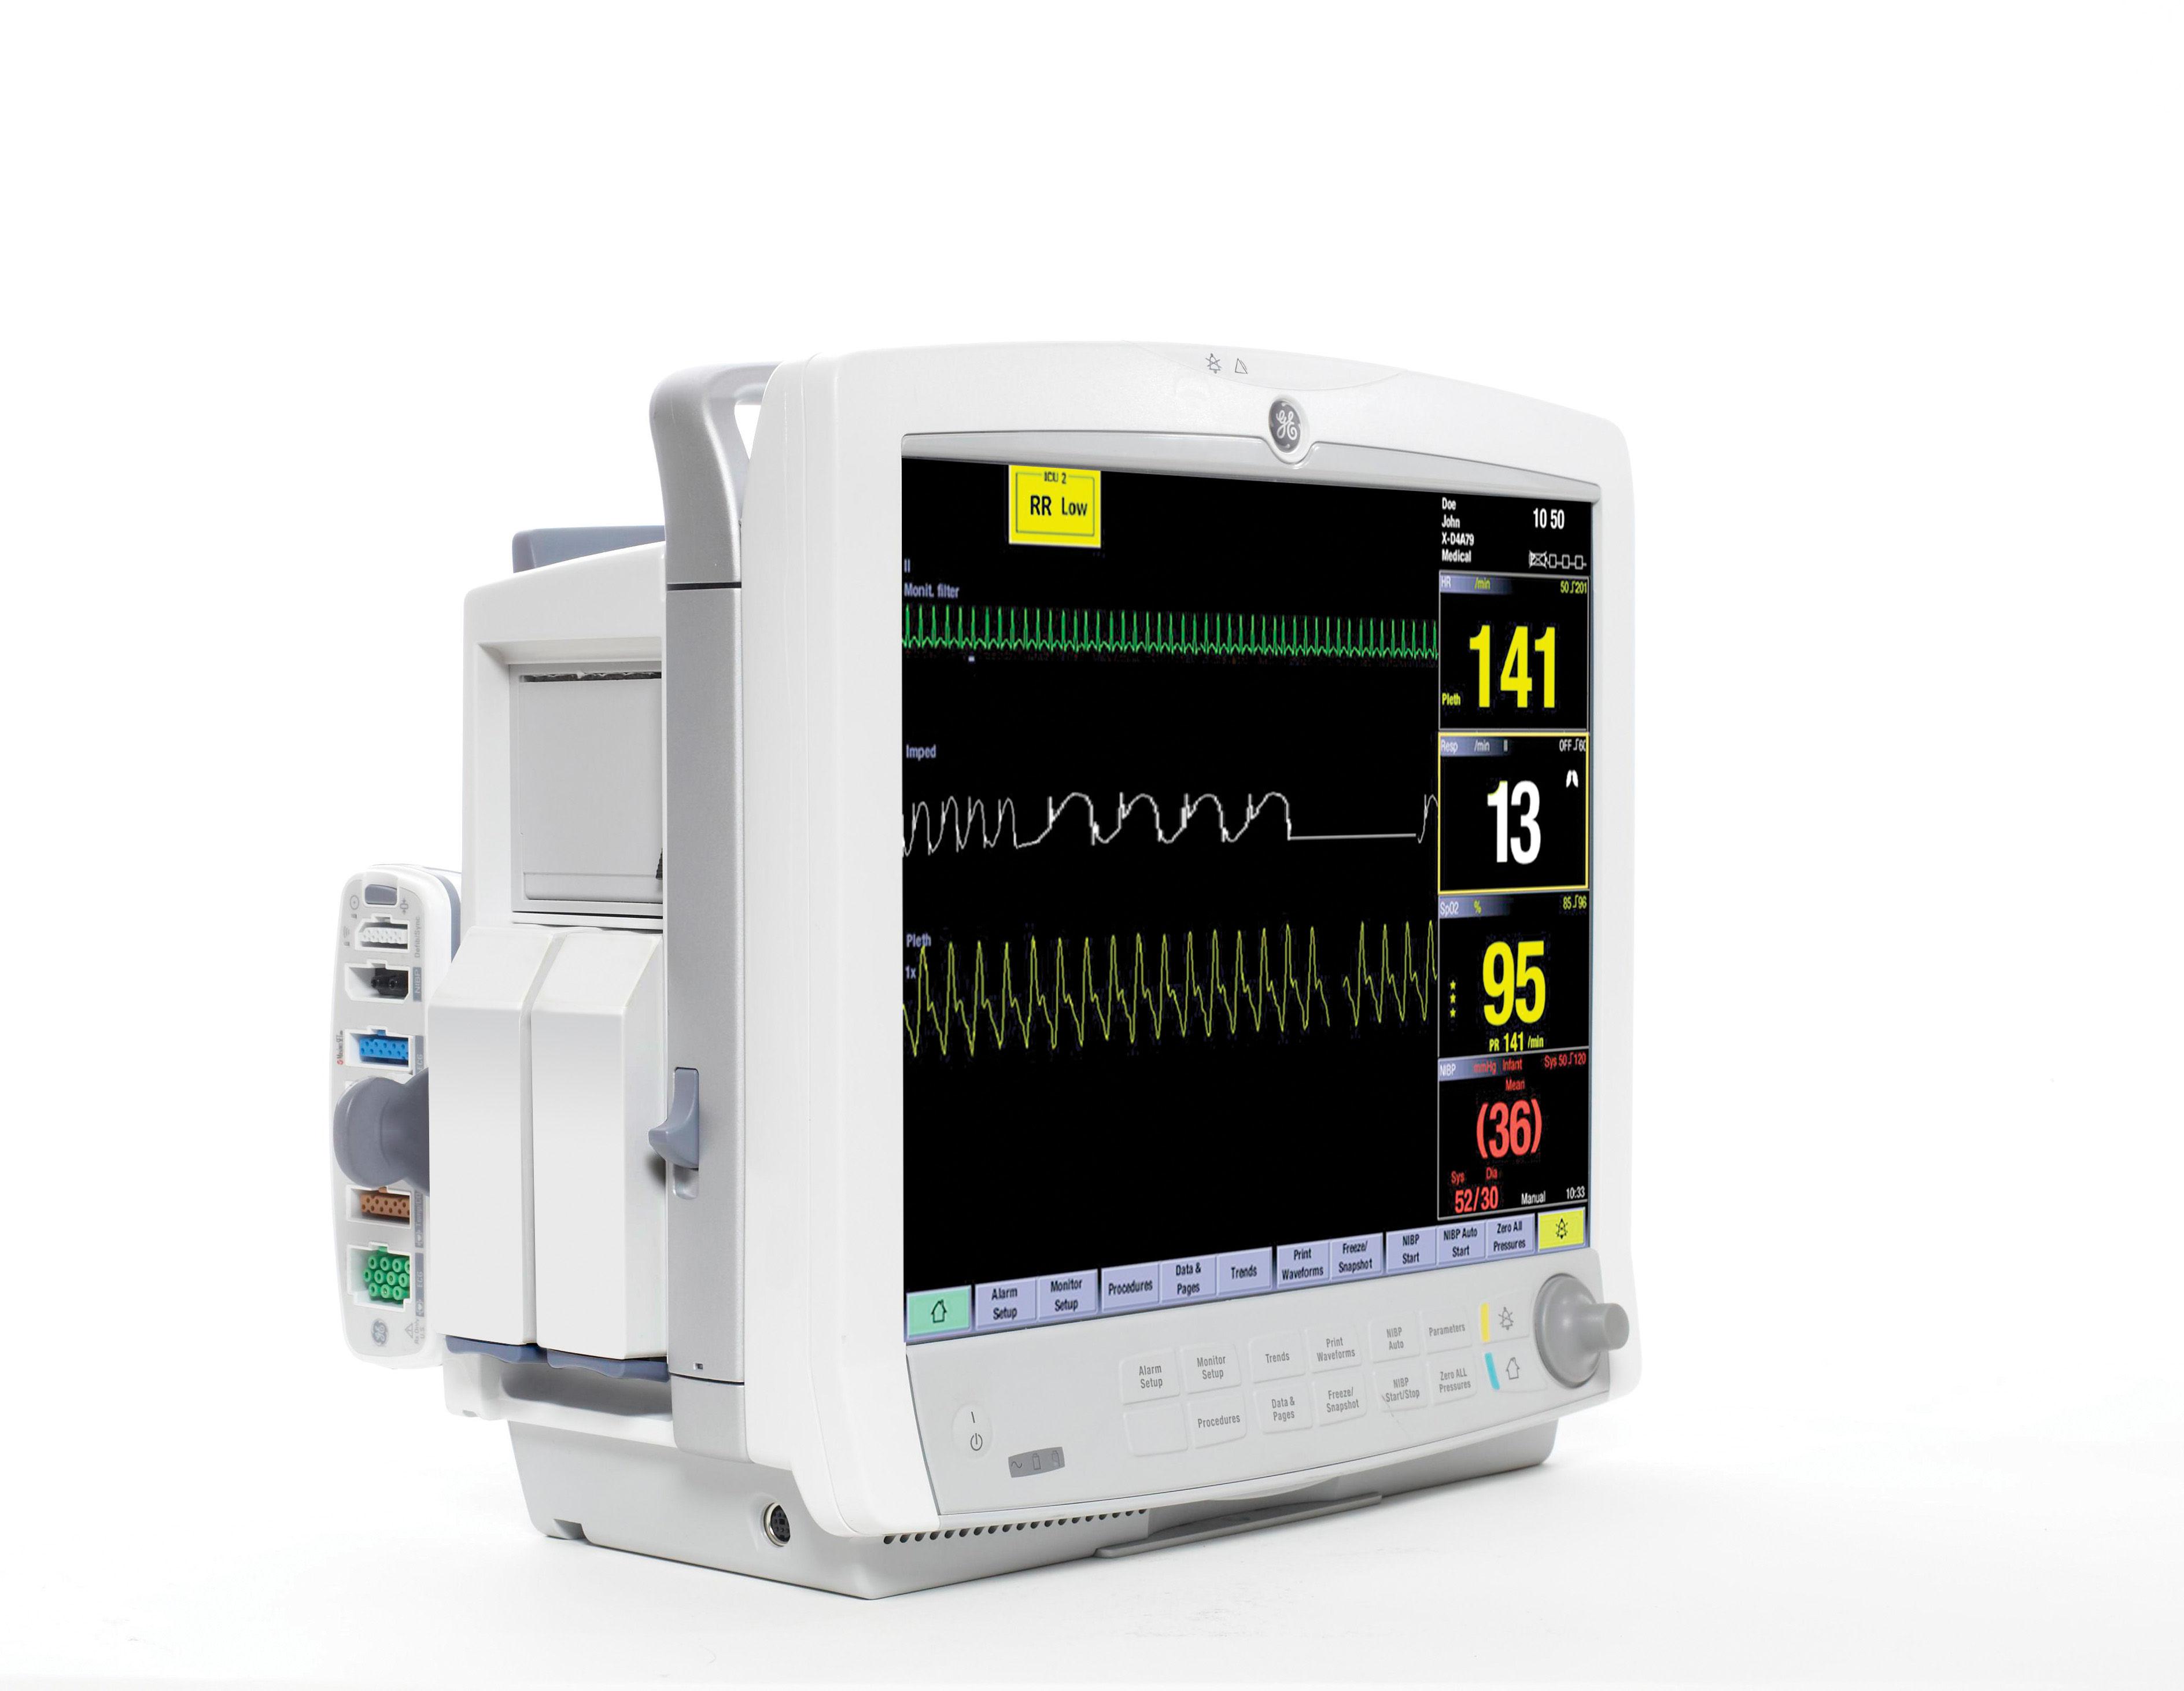 Ge Carescape B650 Bedside Monitor  Model Information